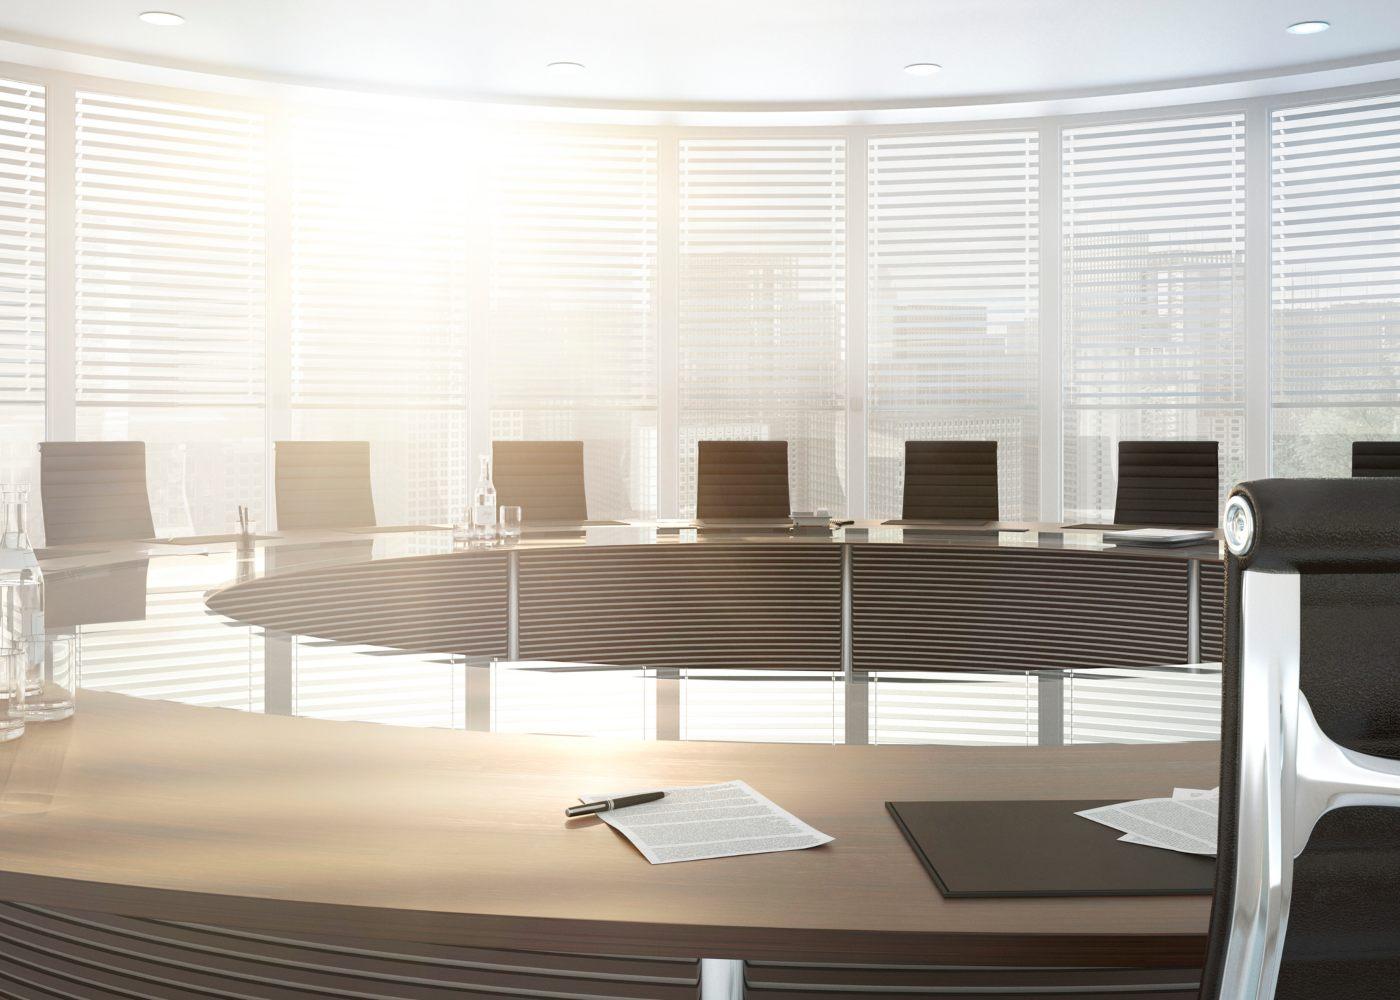 sala de reuniões fazia com documento de abandono do posto de trabalho na mesa